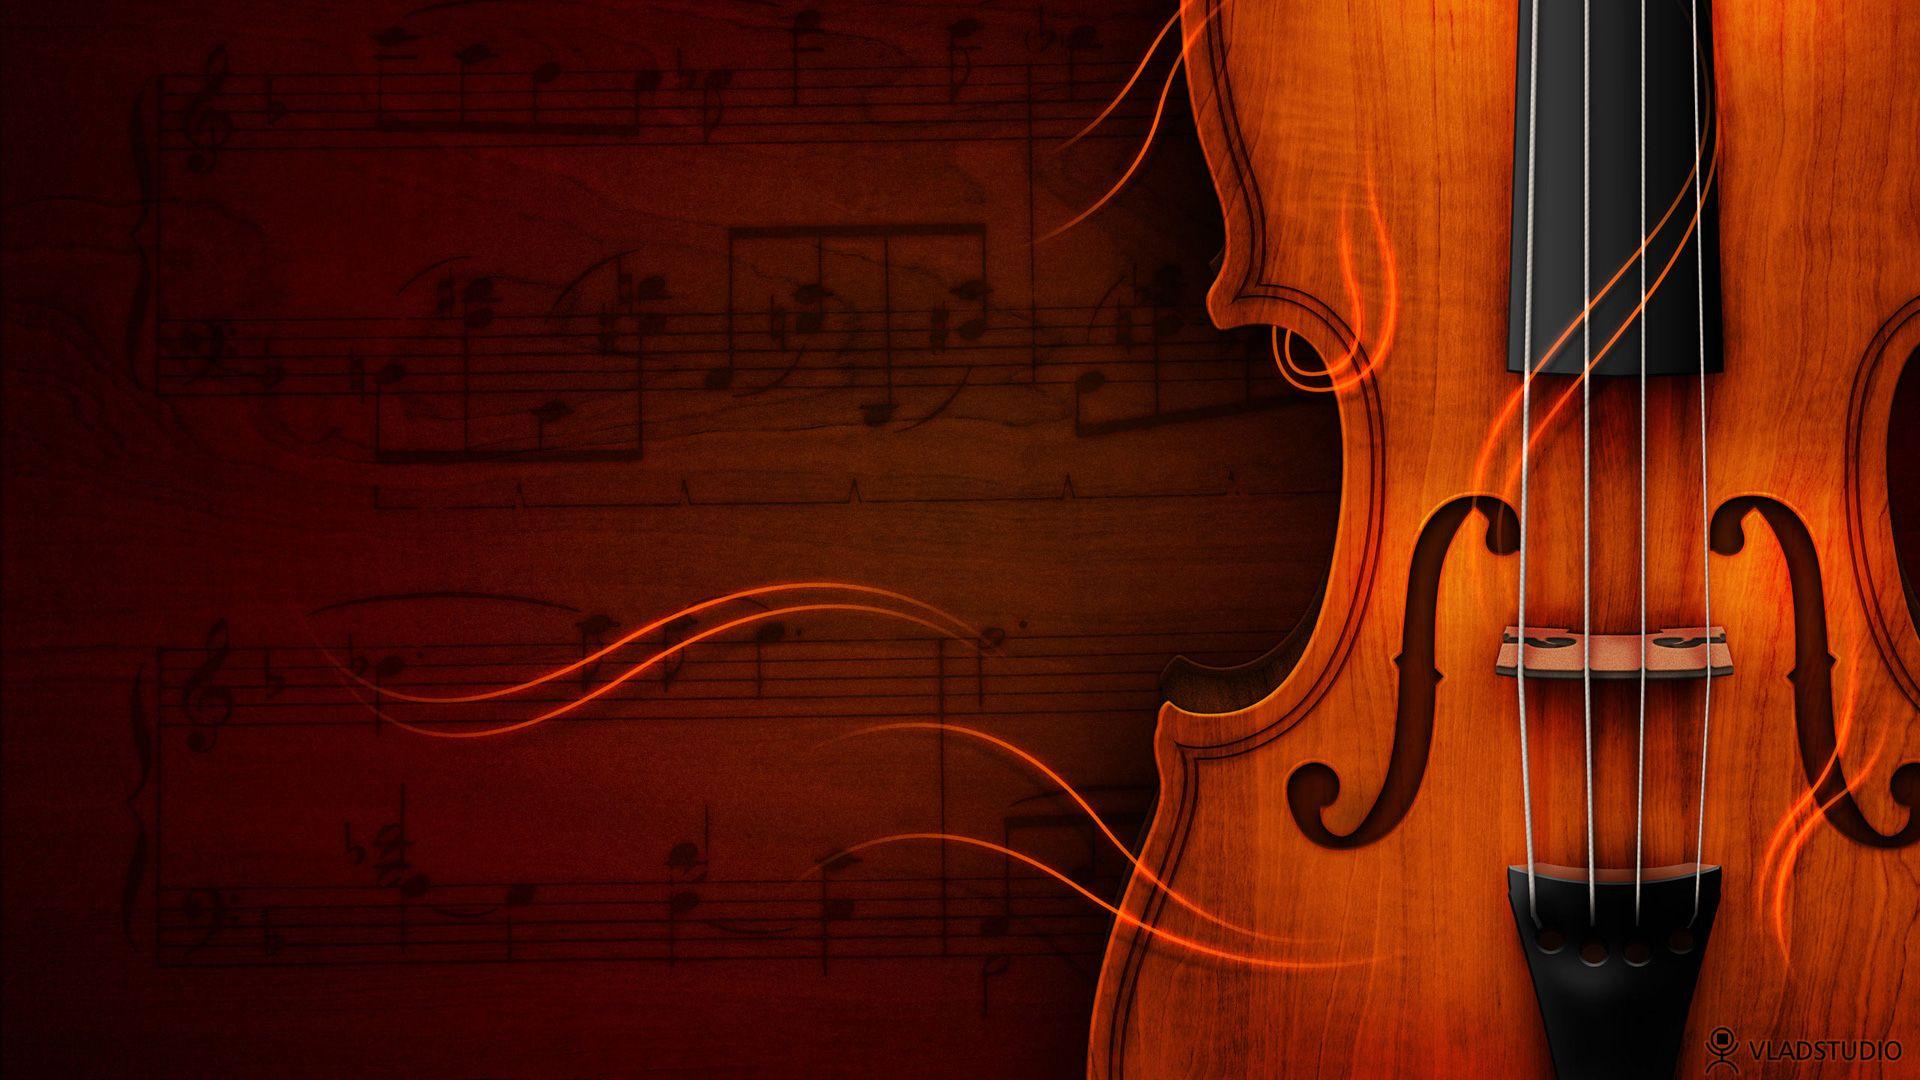 3d Jazz Music Wallpapers: HD Wallpapers Widescreen 1080P 3D